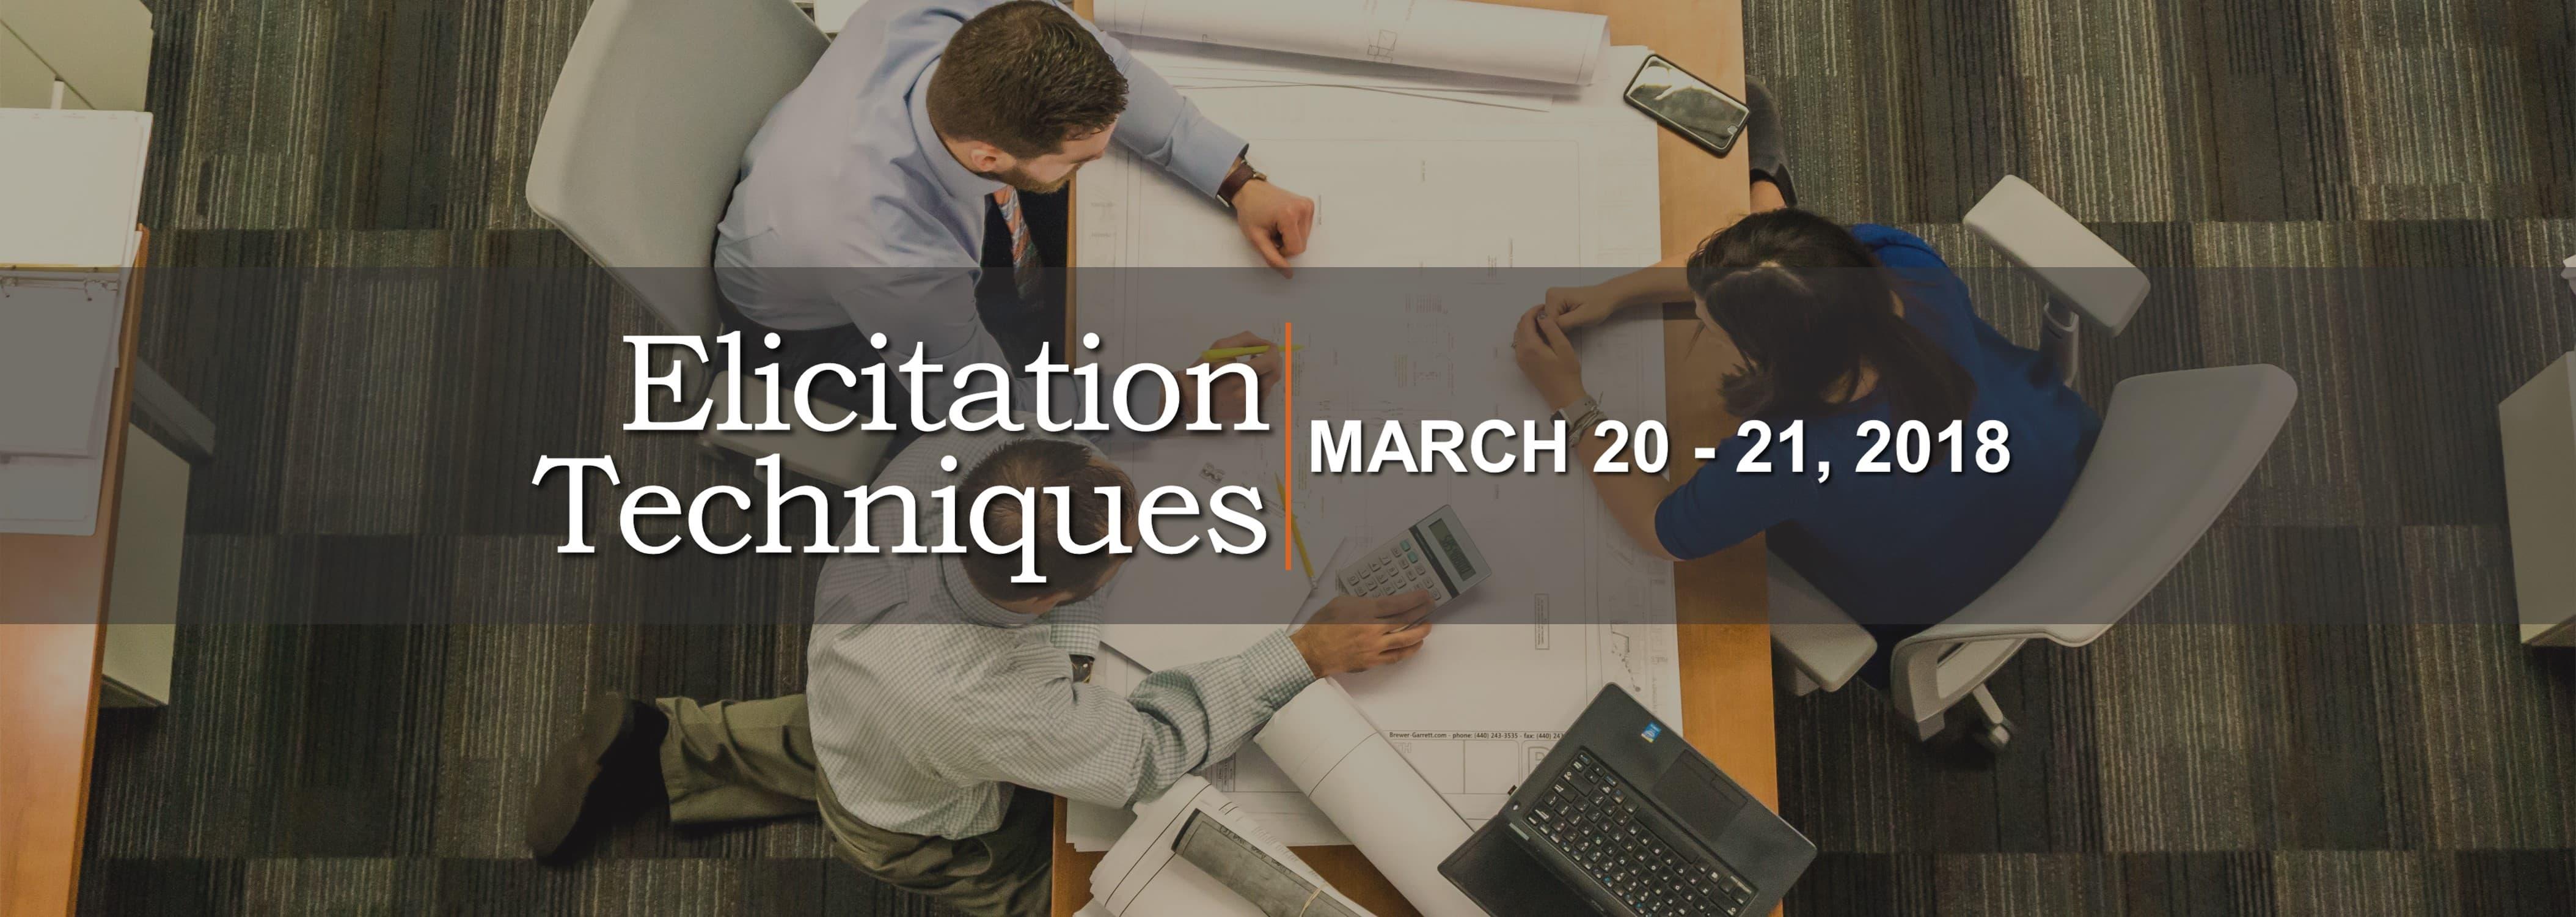 Elicitation Techniques on March 20 - 21, 2018